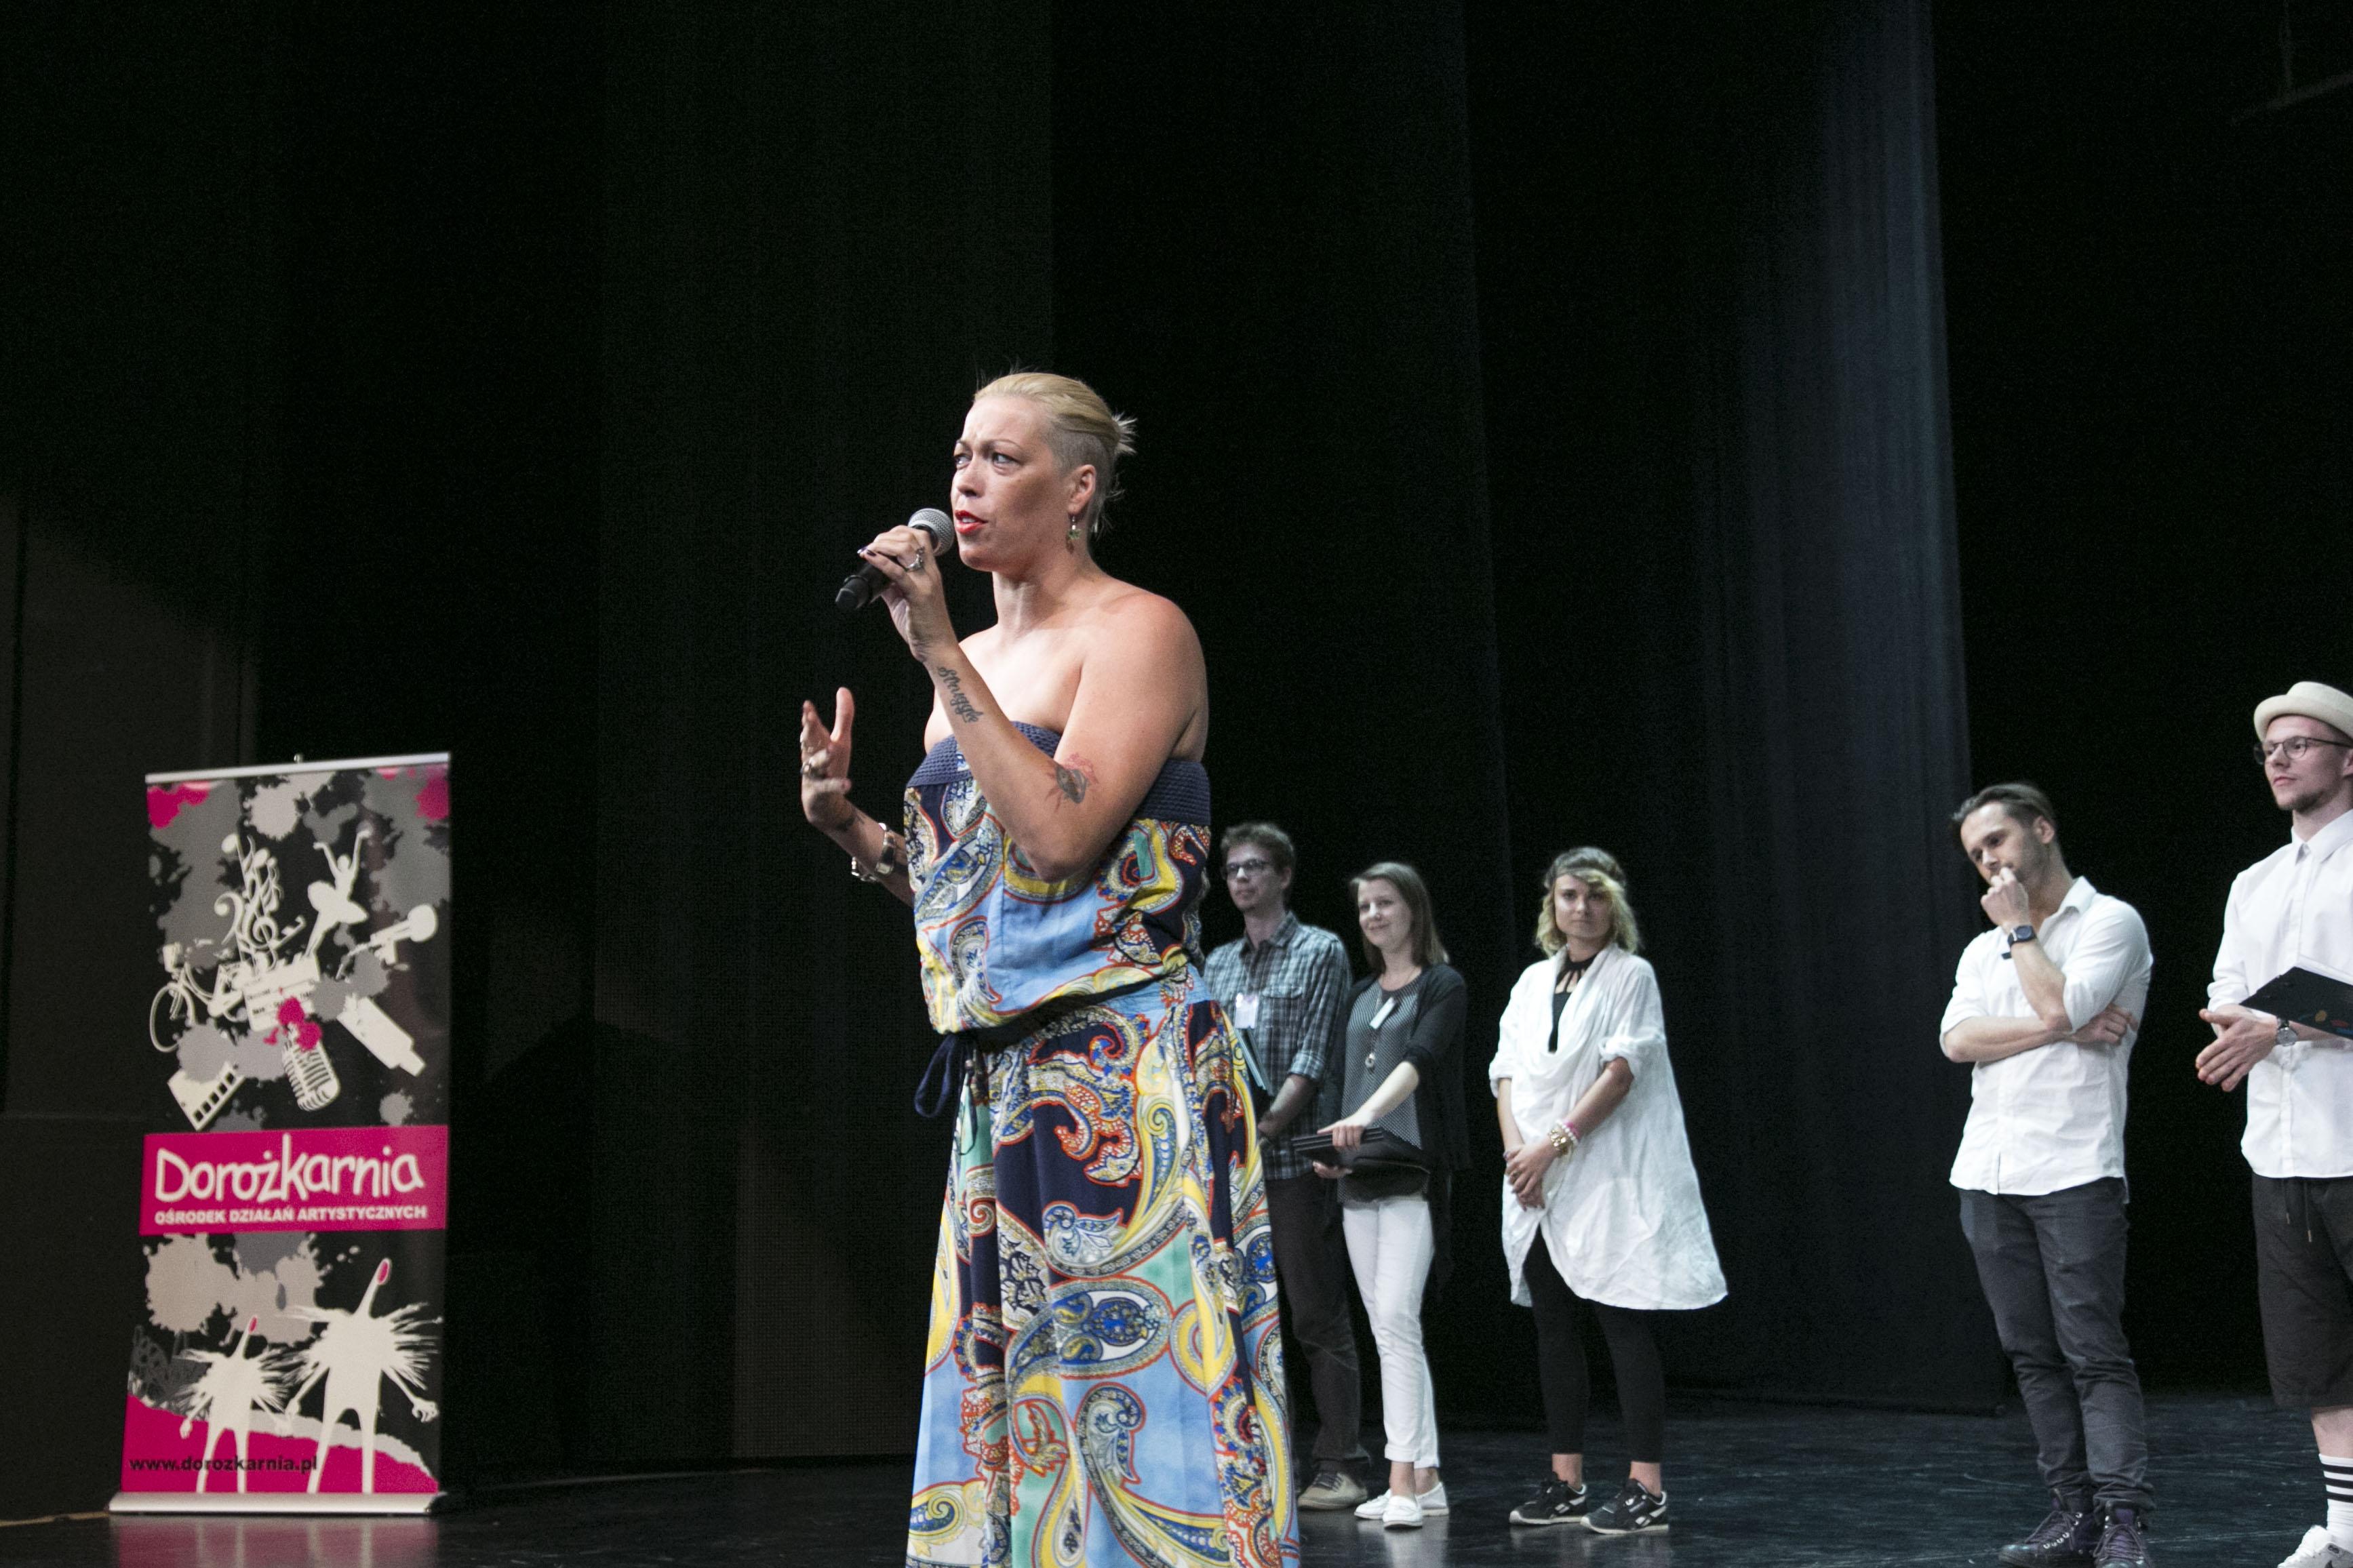 Zdjęcie przedstawia kobietę na scenie. W ręce trzyma mikrofon.